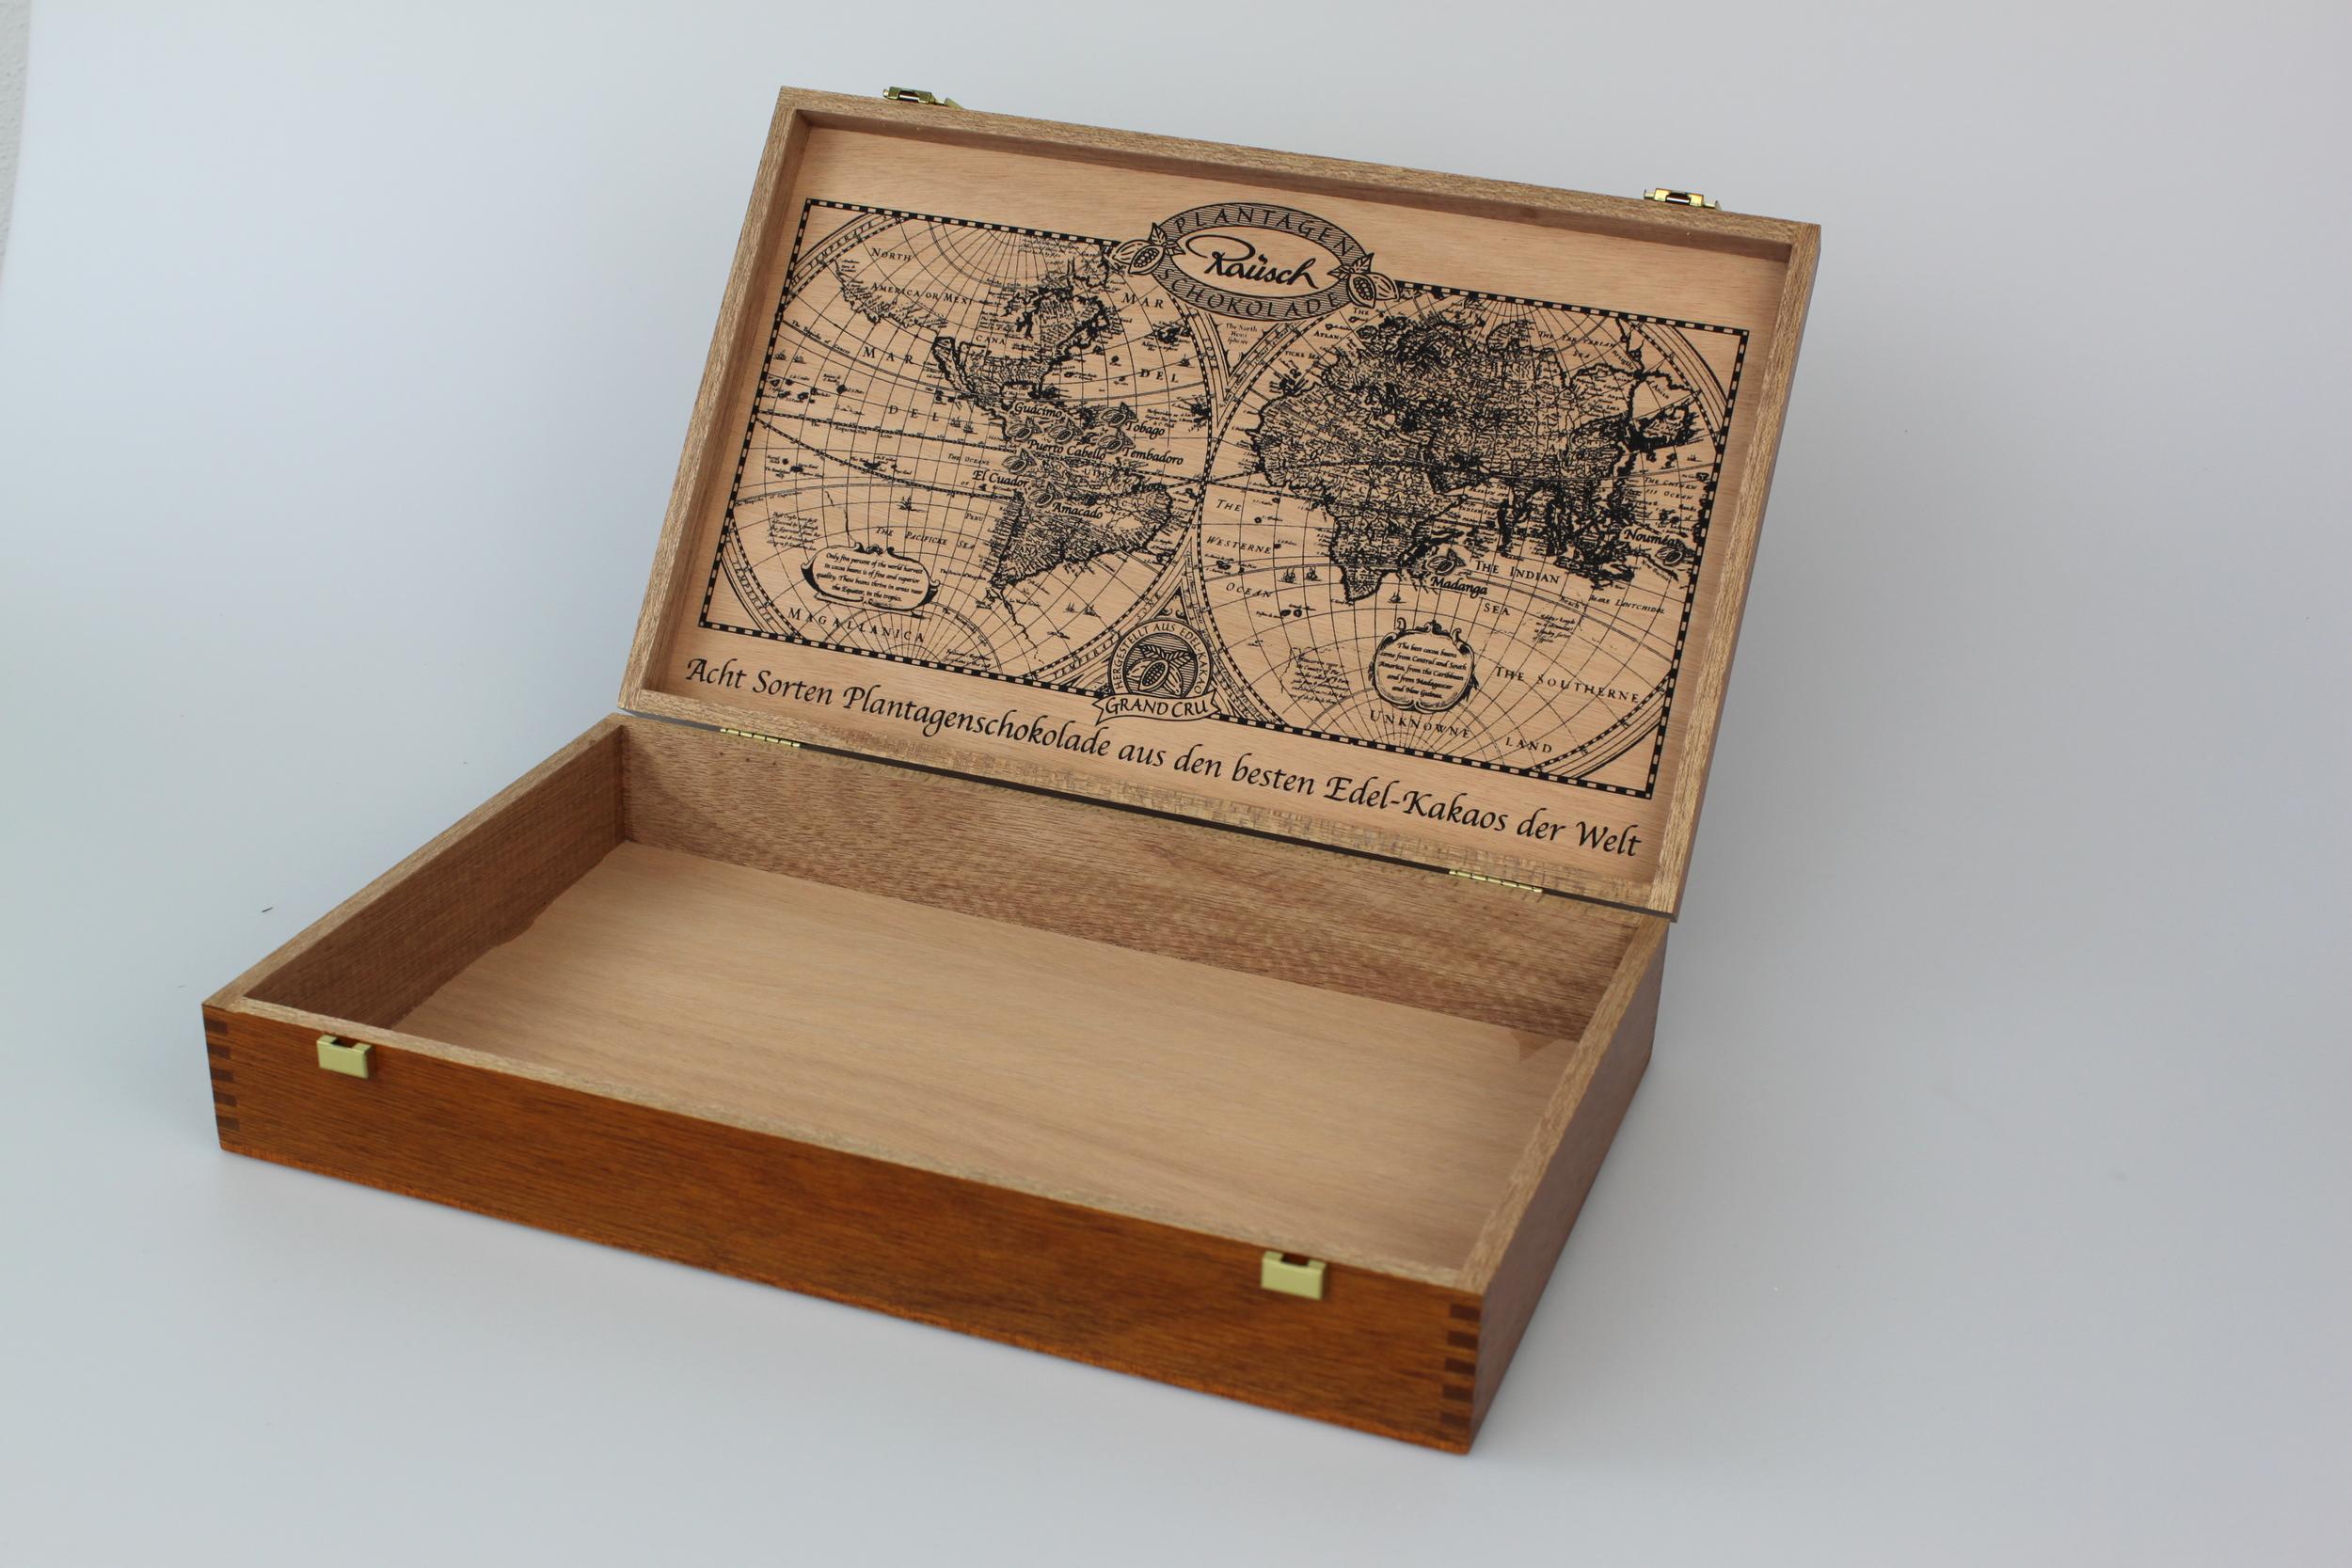 Holzkiste, gezinkt mit Klappdeckel mit Siebdruck am Deckel innen. Innen natur, außen gebeizt und farblos lackiert.